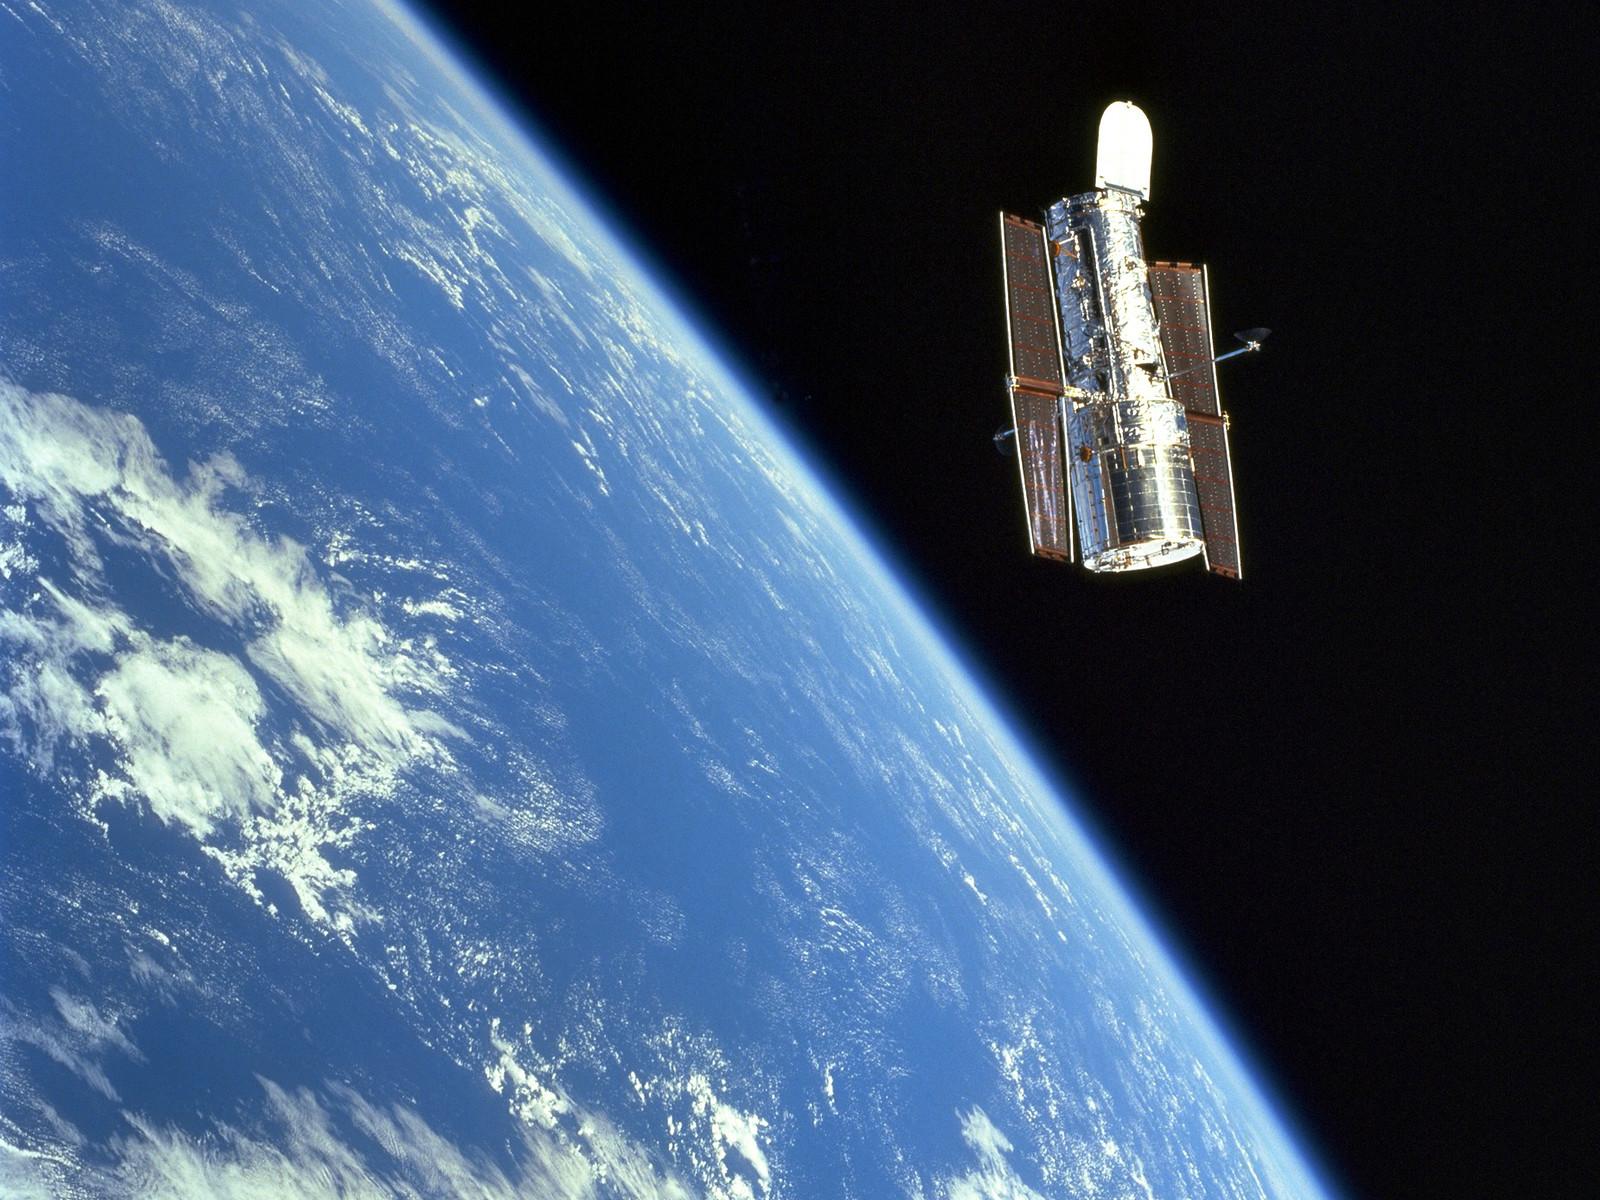 Sm3a graceful hubble esa hubble - Hubble space images wallpaper ...